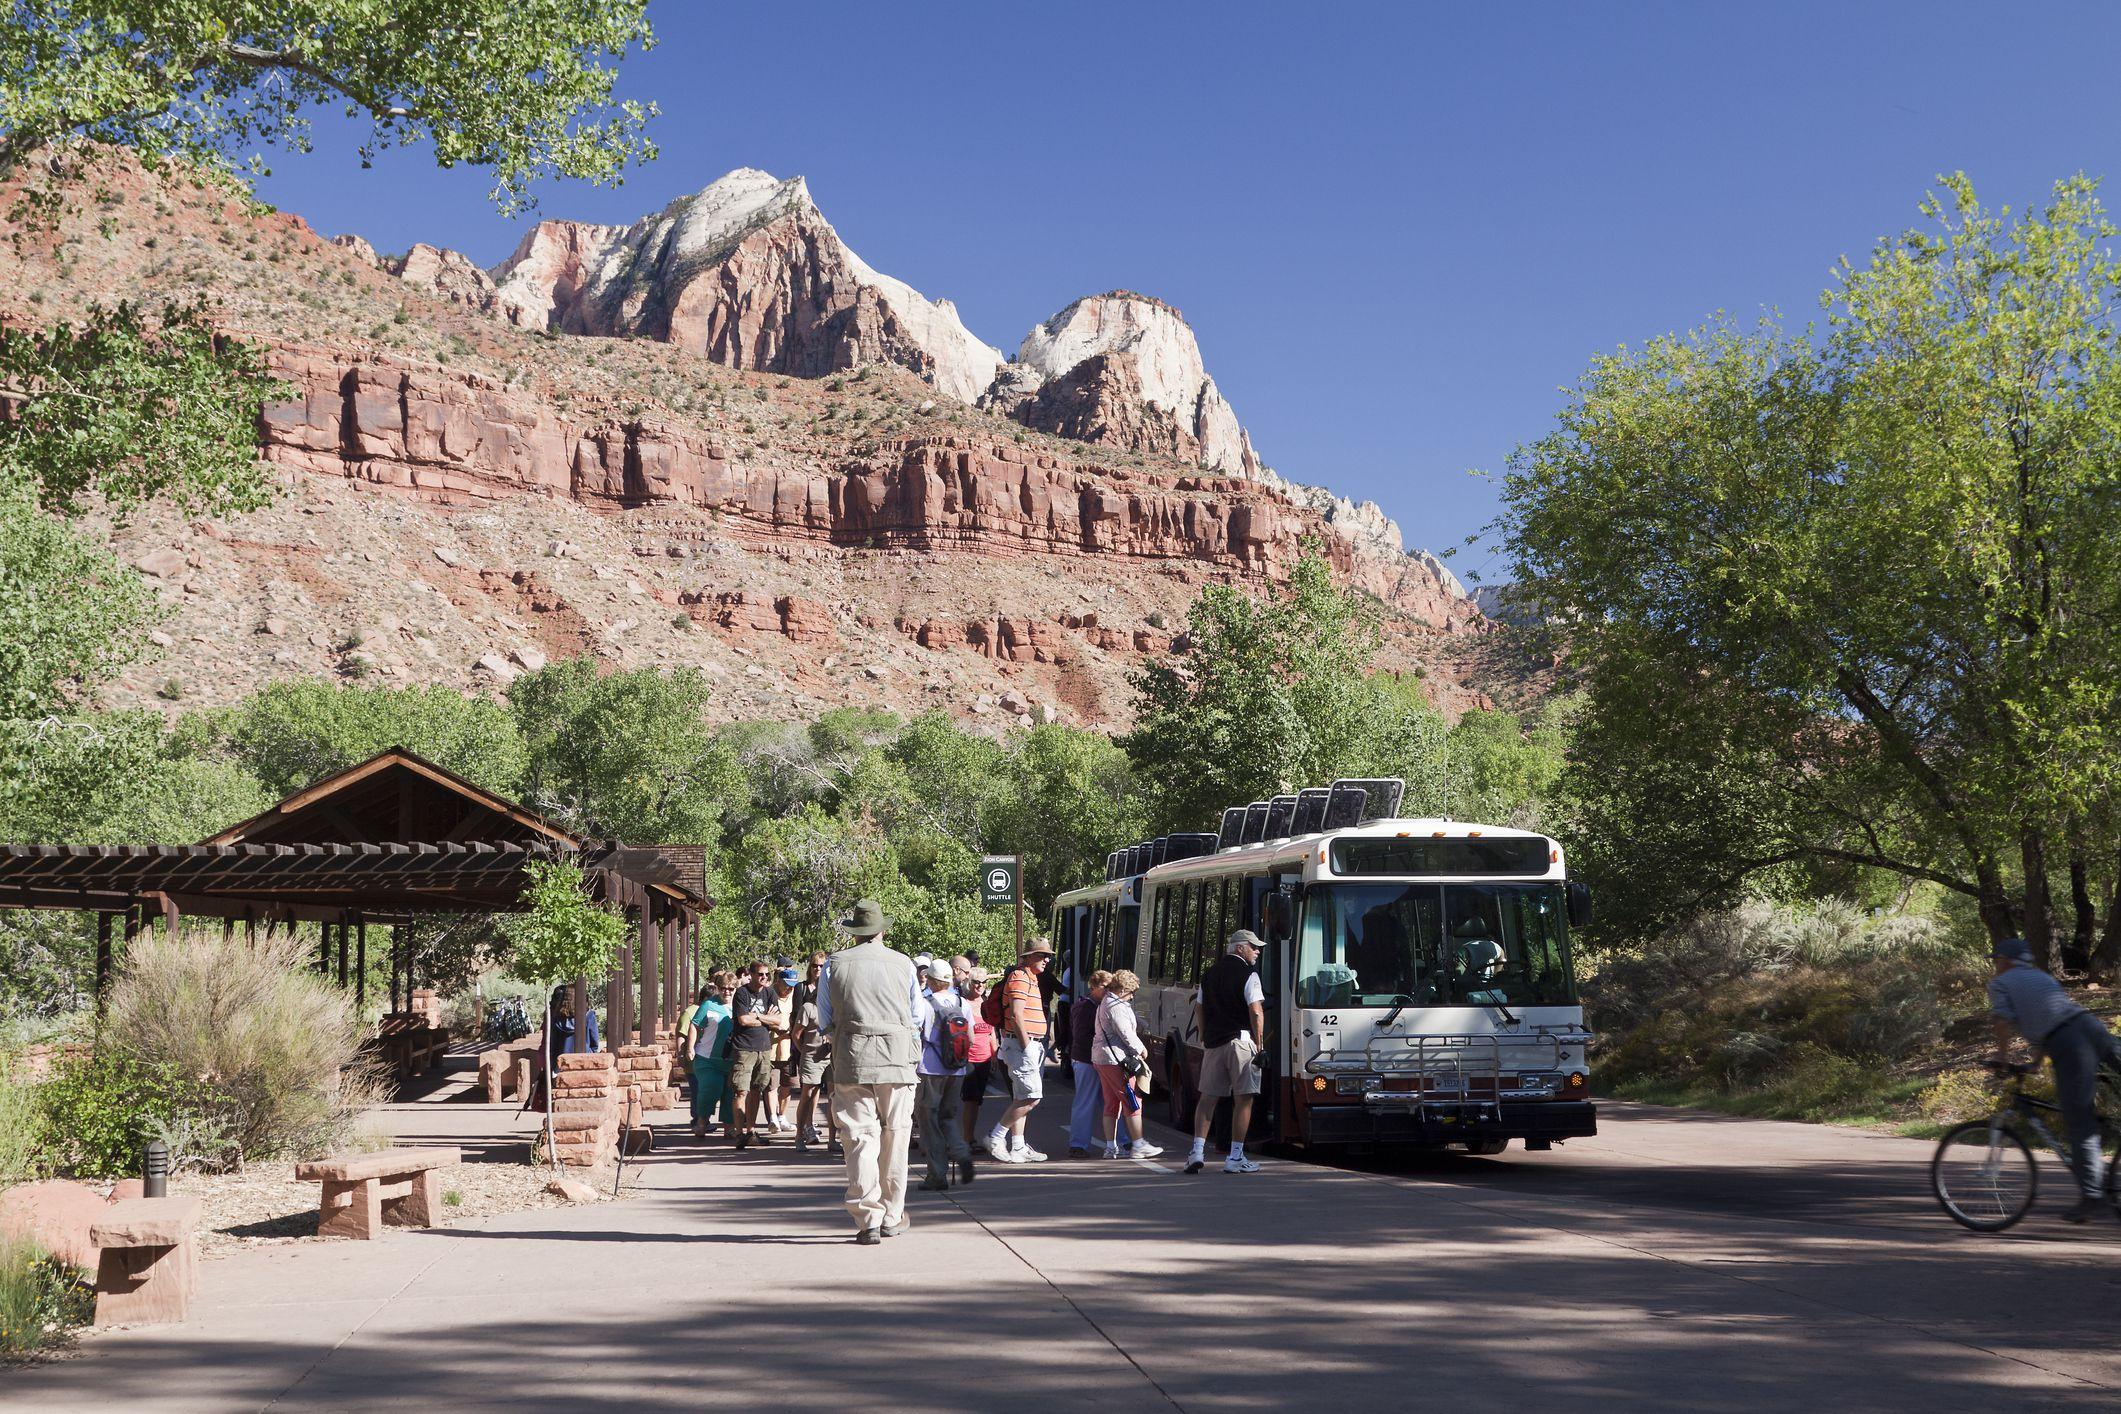 Zion Canyon shuttle bus